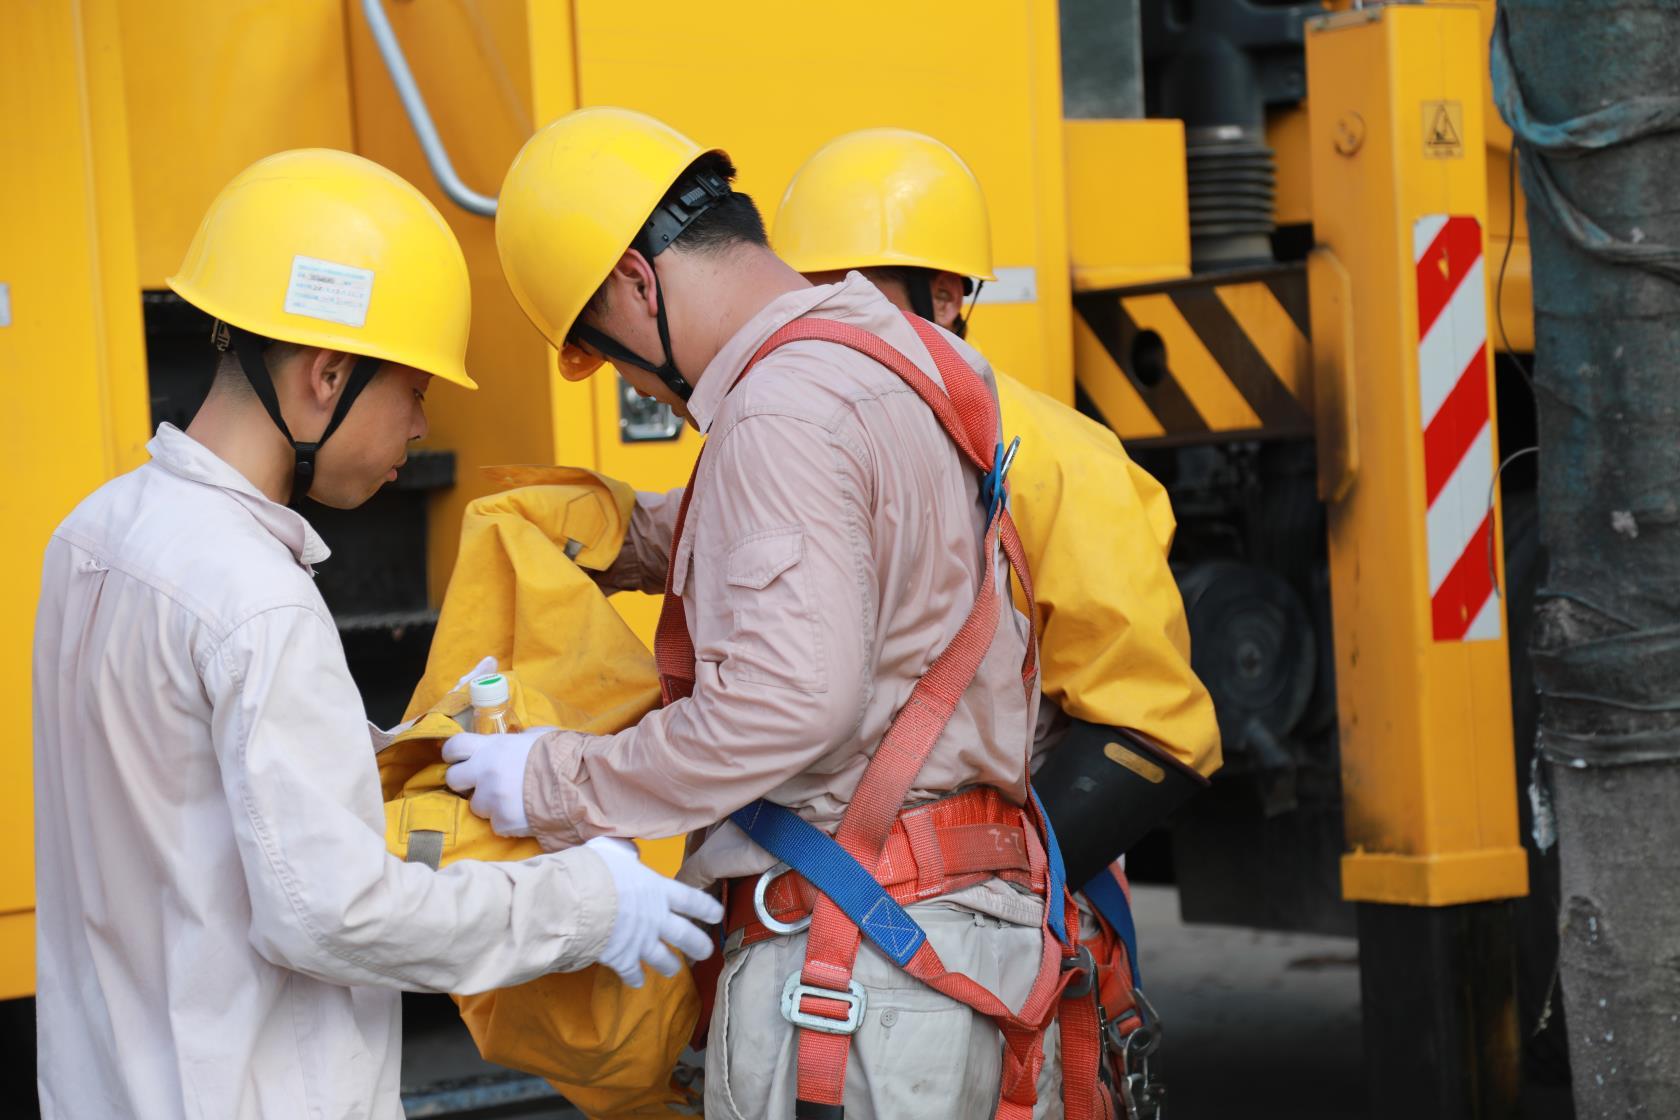 夏日在野外工作的长沙电力工人,衣服被汗水浸透。邓梁 摄